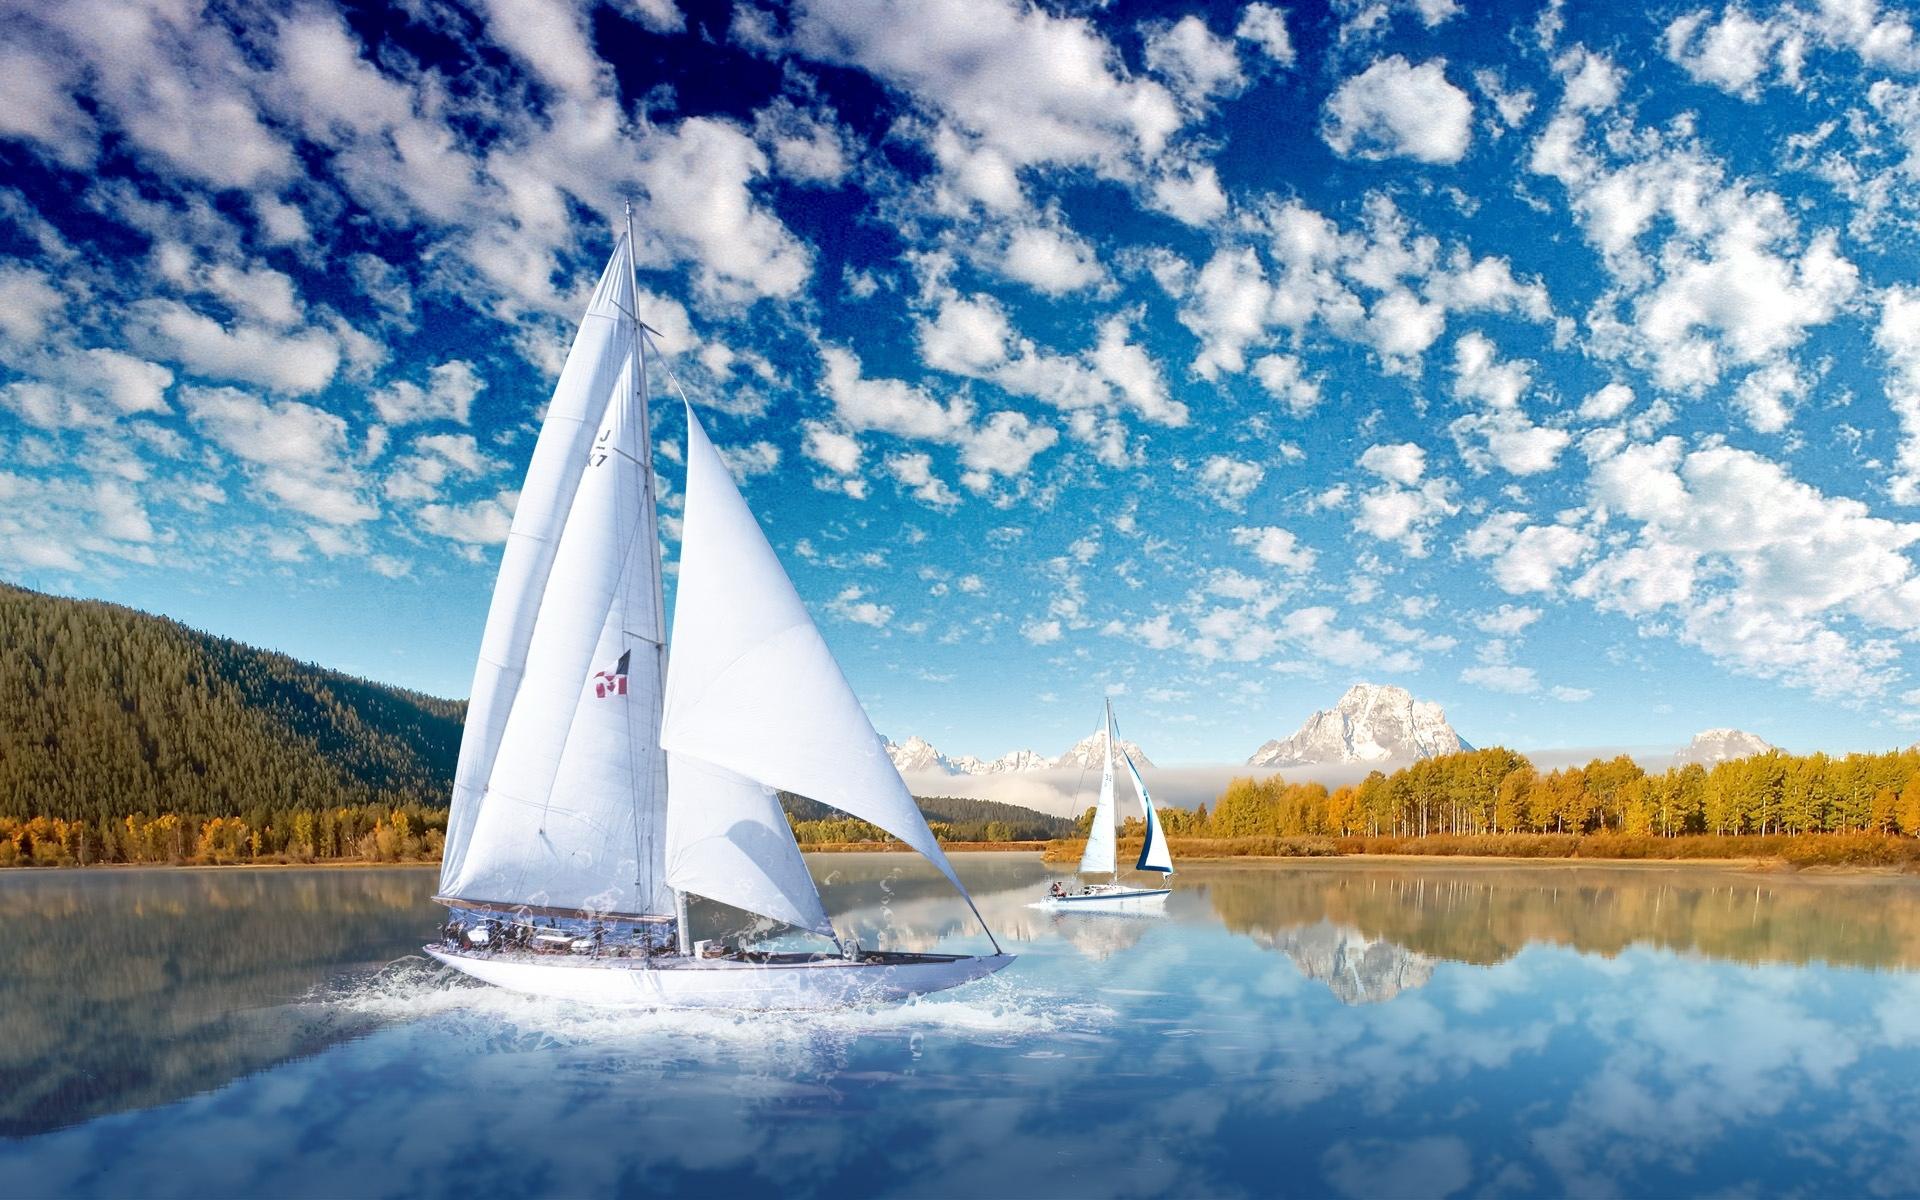 35533 Заставки и Обои Яхты на телефон. Скачать Транспорт, Пейзаж, Яхты картинки бесплатно